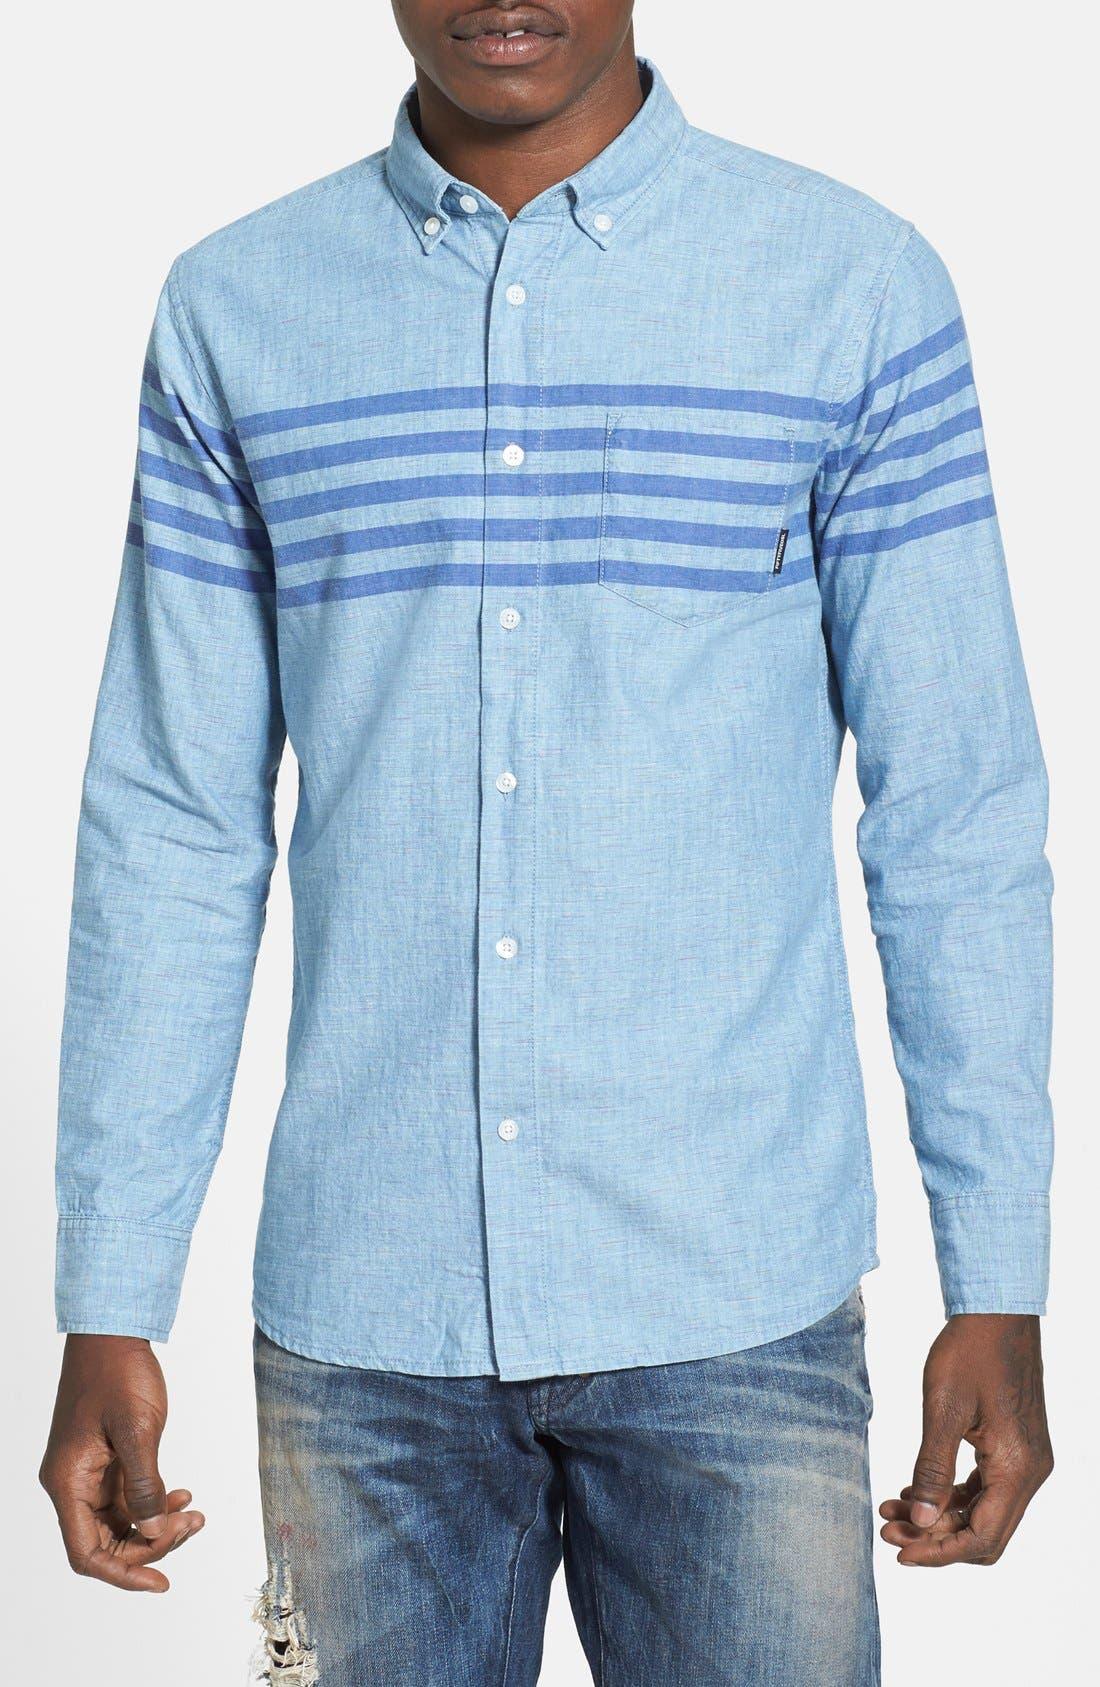 55DSL,                             'Stendard 55' Chest Stripe Print Woven Shirt,                             Alternate thumbnail 5, color,                             400